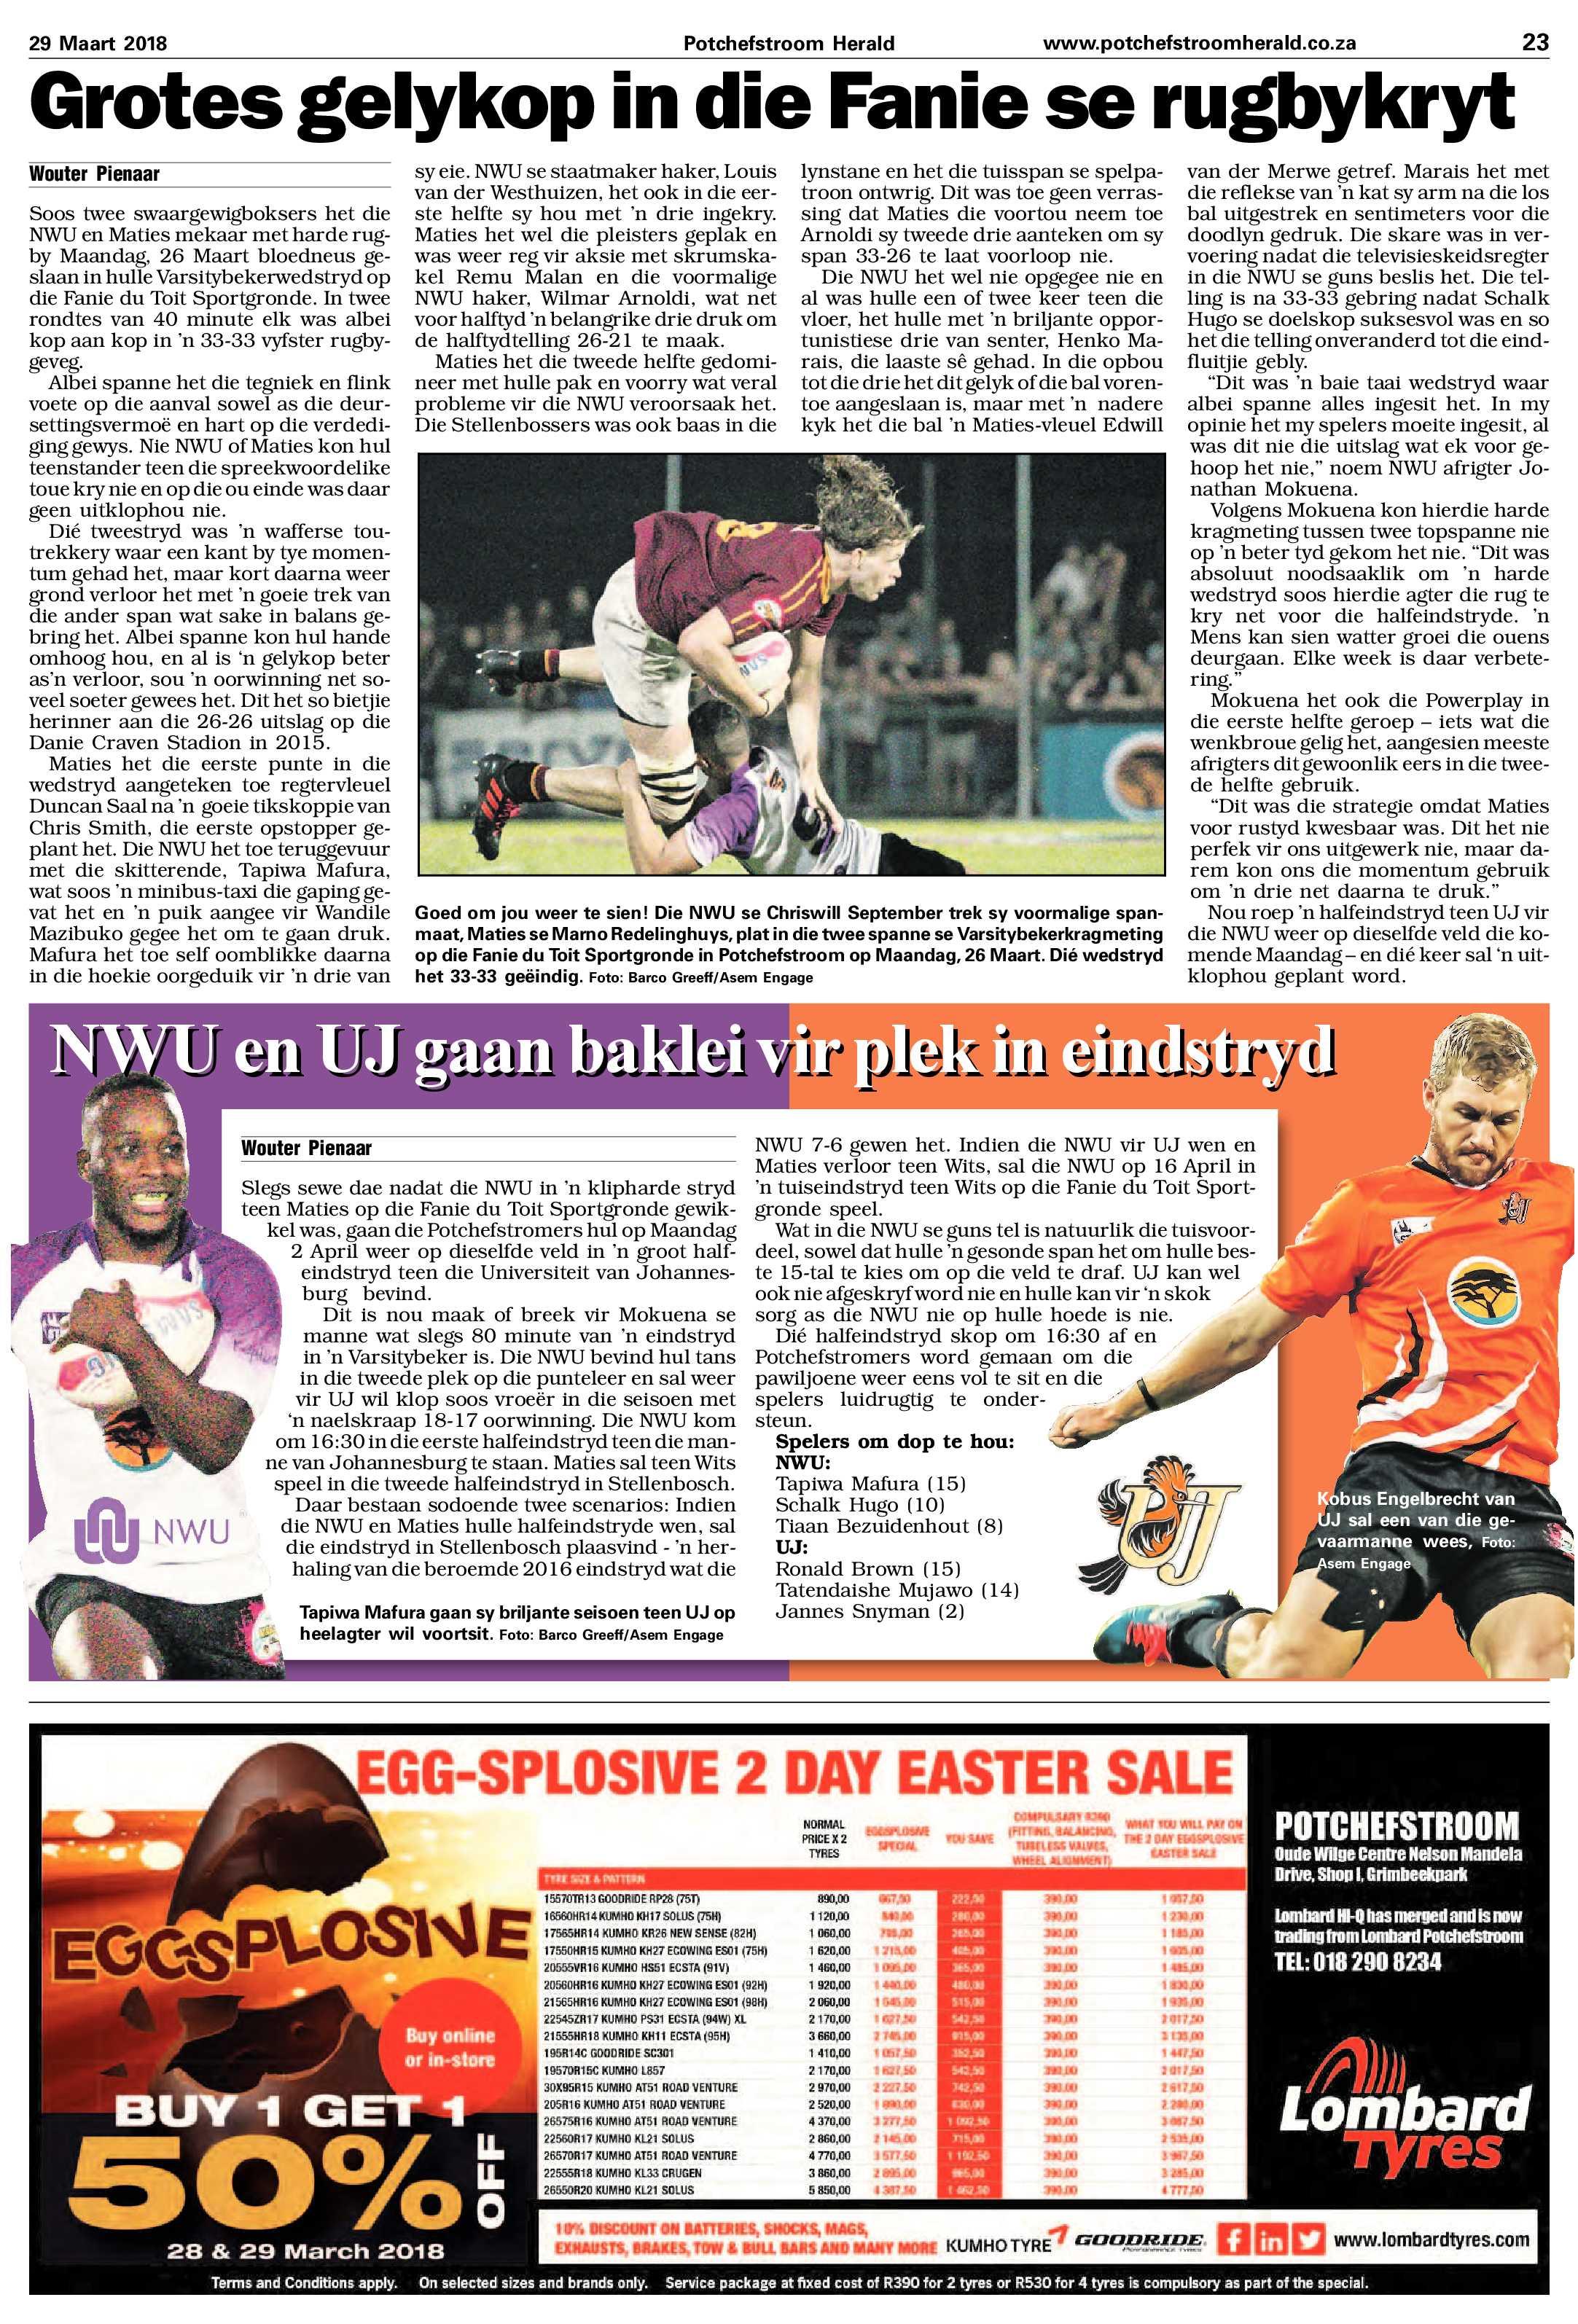 29-maart-2018-epapers-page-23